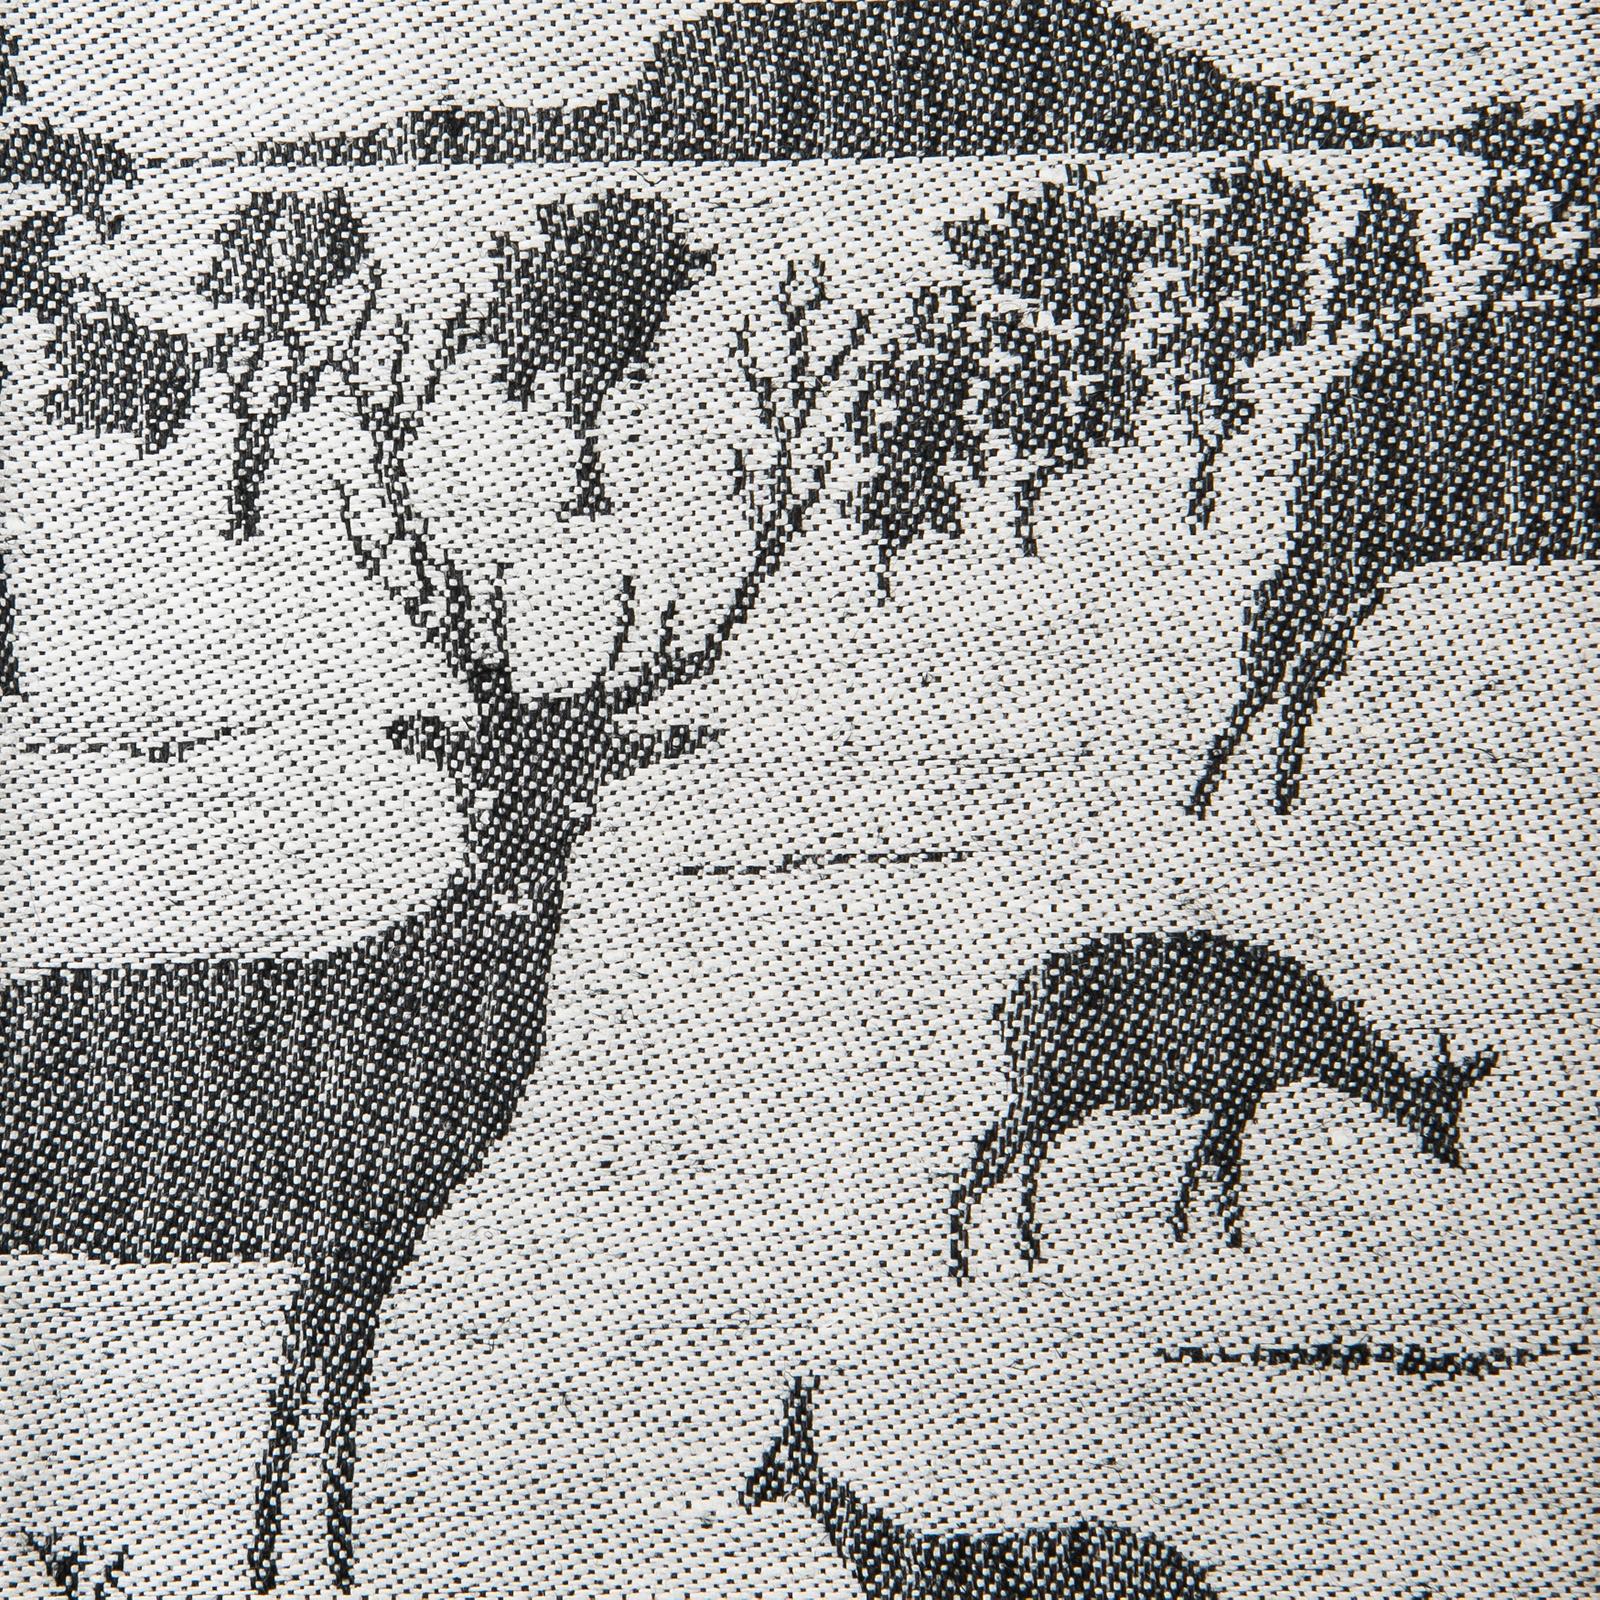 Djurgården linne handduk löpare duk Klässbols Linneväveri svart